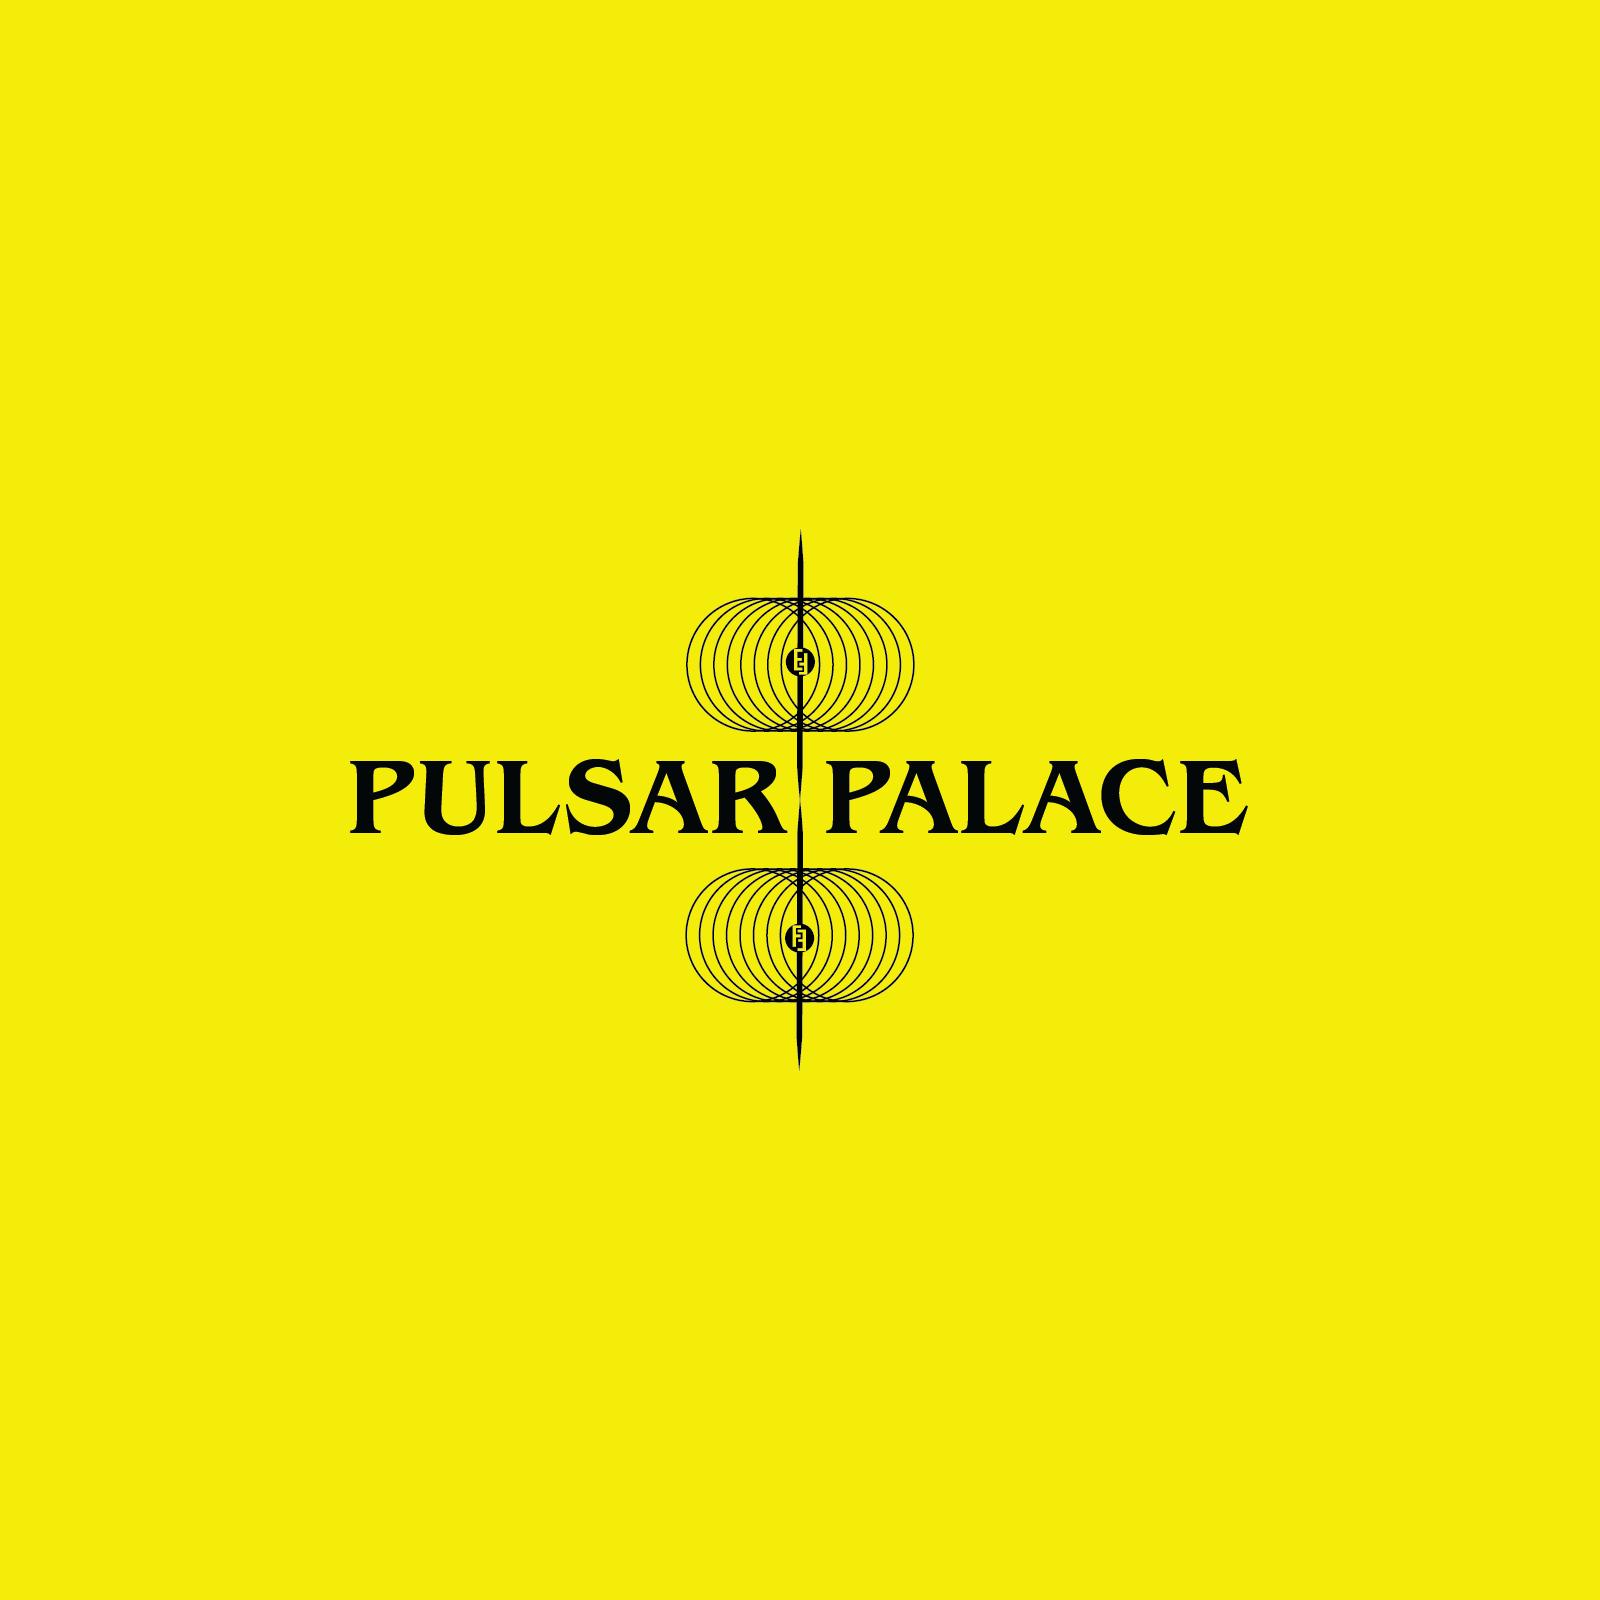 Pulsar Palace